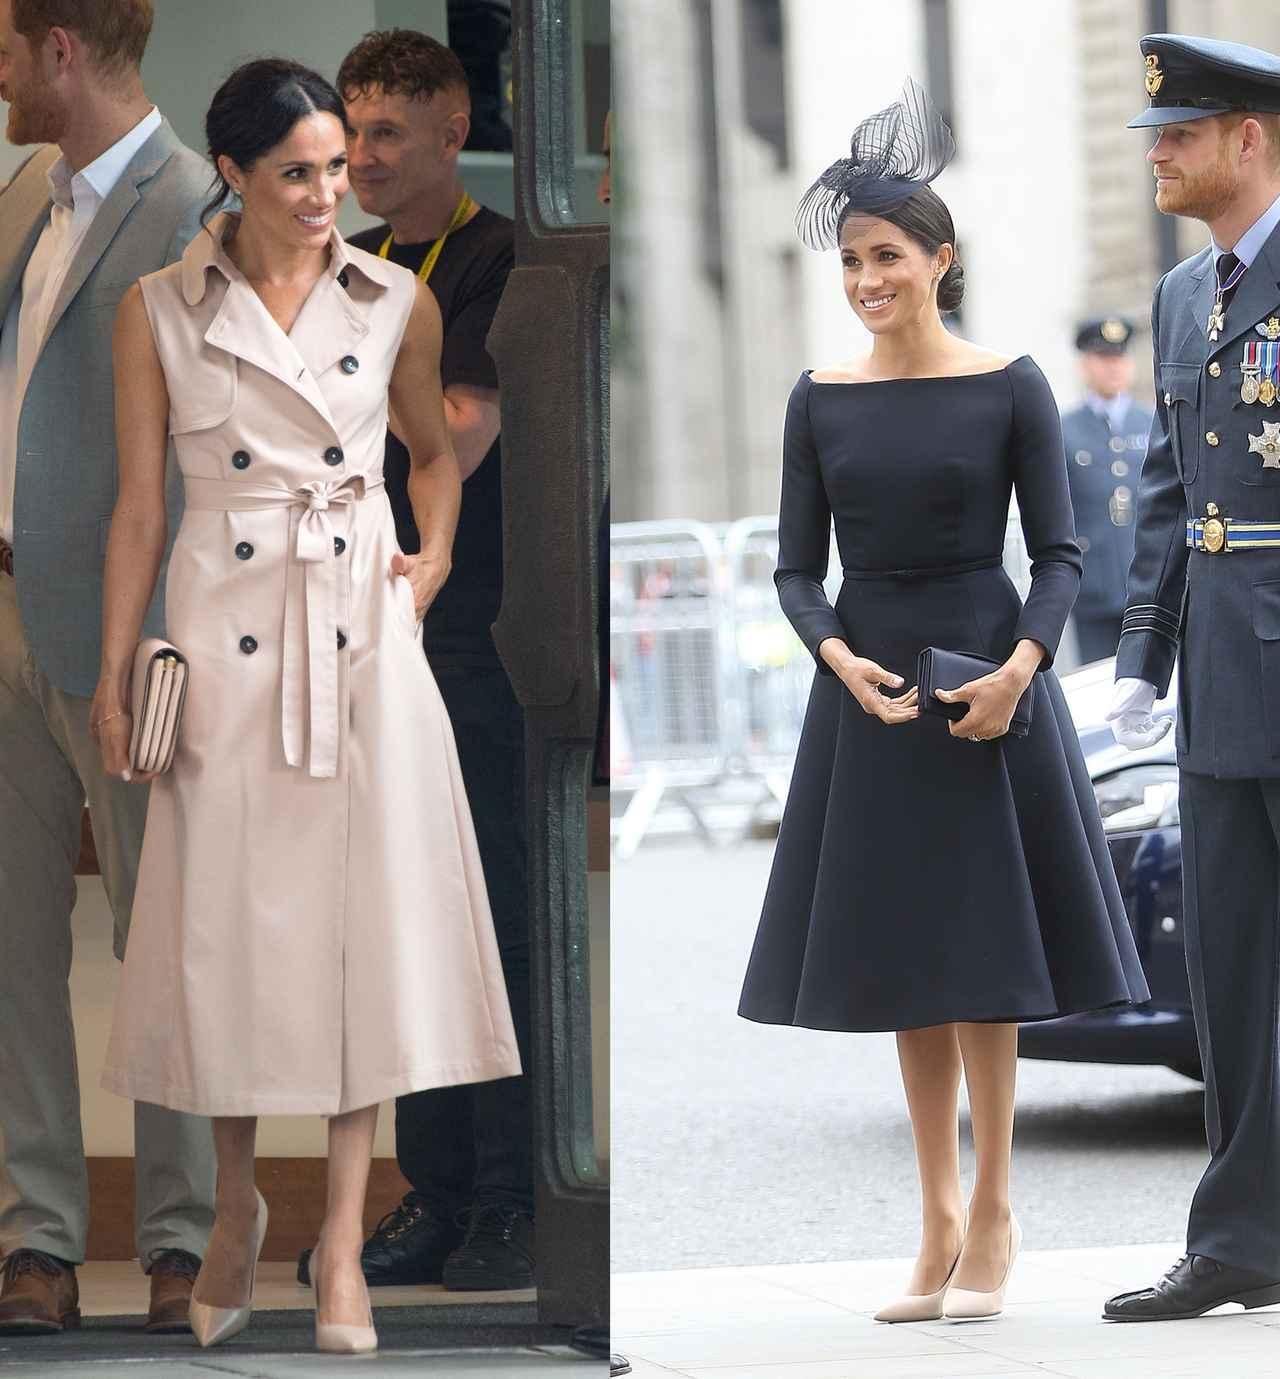 画像3 メーガン妃の愛用ブランド6選、完璧なロイヤル・ファッション